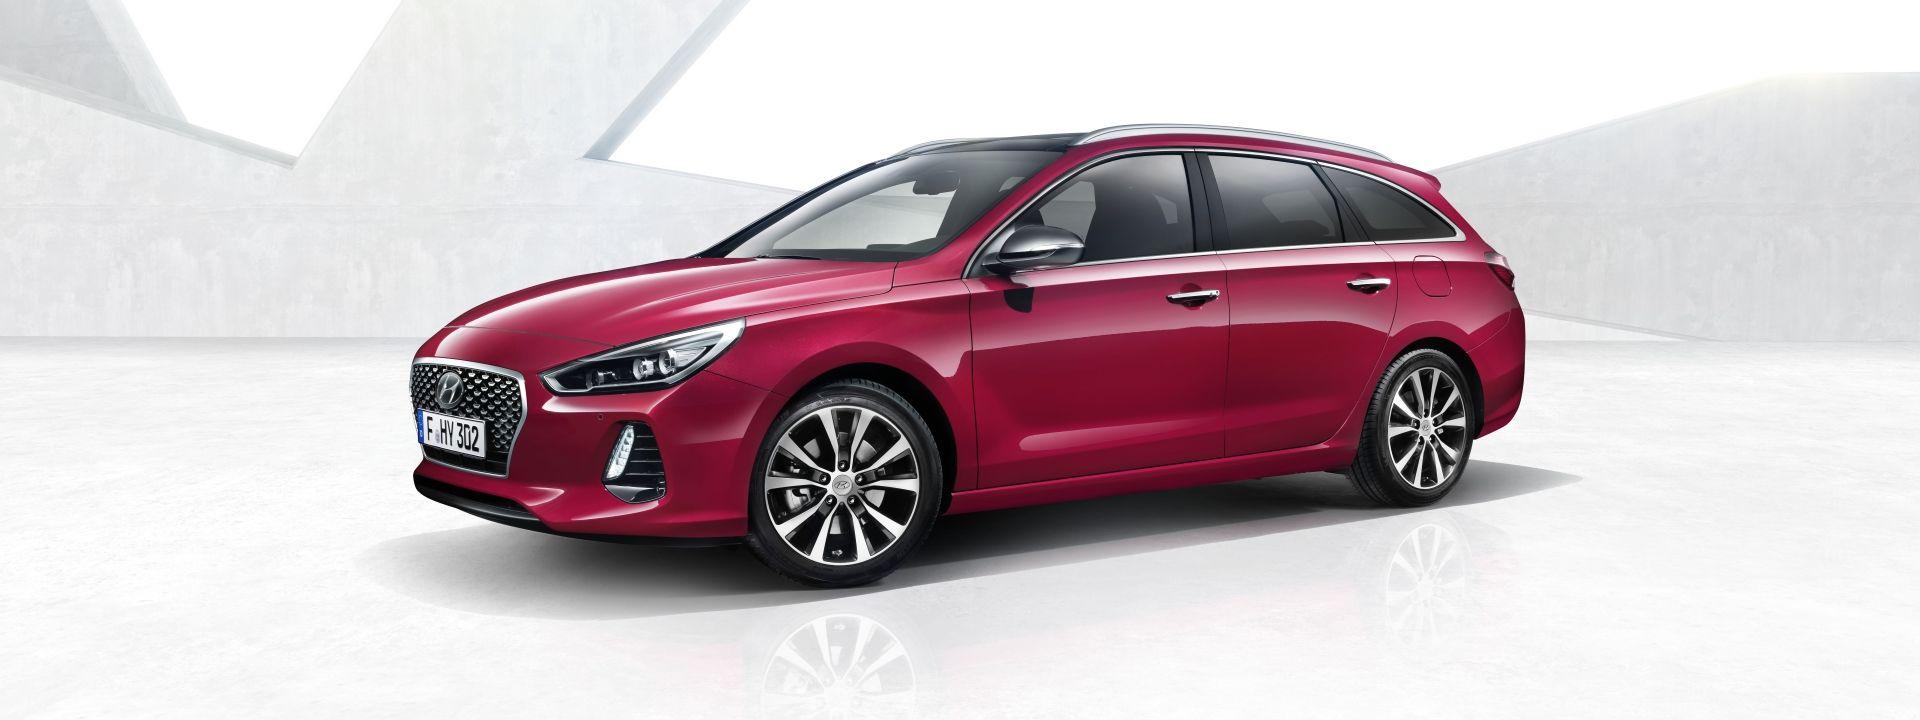 Nueva generación de Hyundai i30 Wagon: elegancia y versatilidad